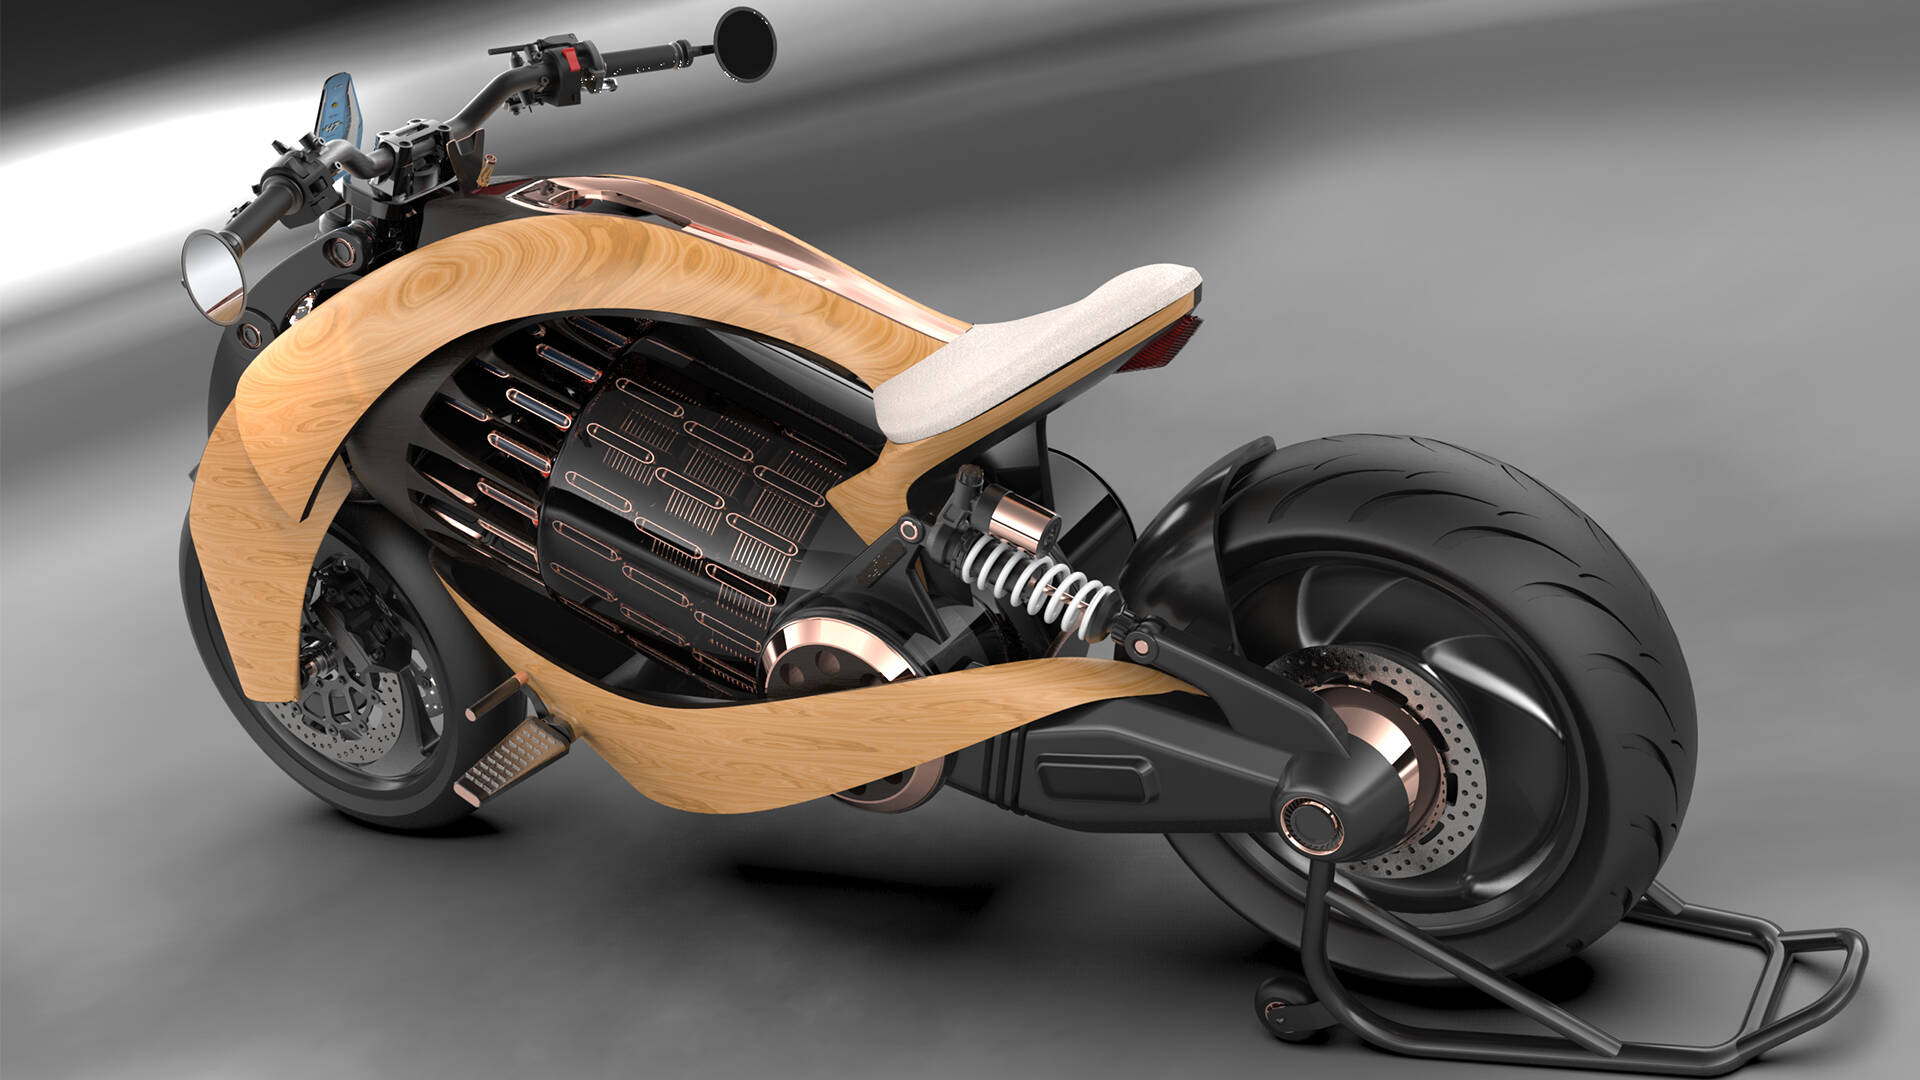 Moto elétrica de madeira. Foto: Divulgação